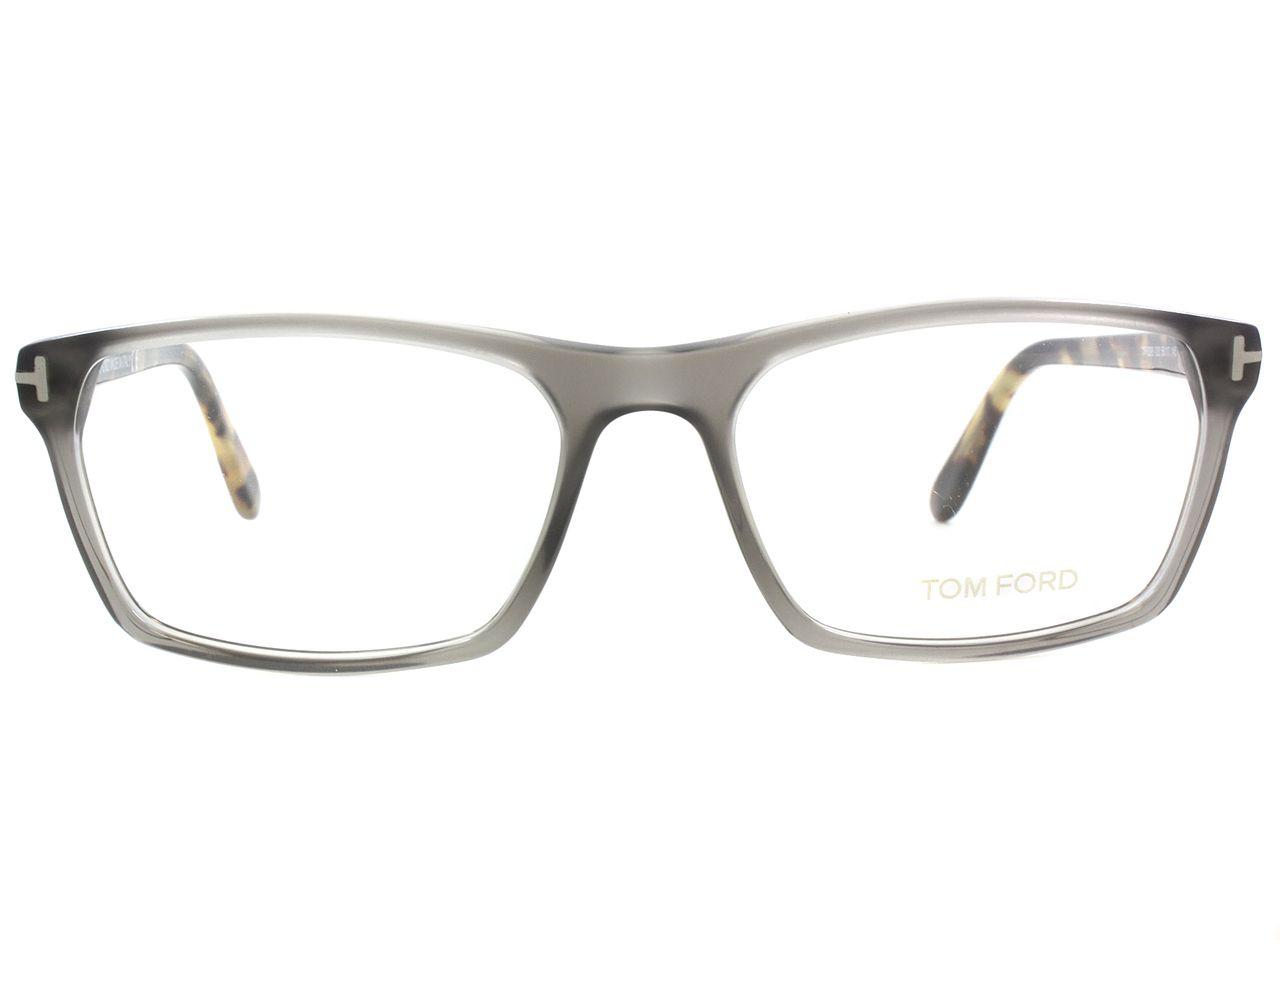 Tom Ford 5228 Eyeglasses Shiny Havana New vwcH6II